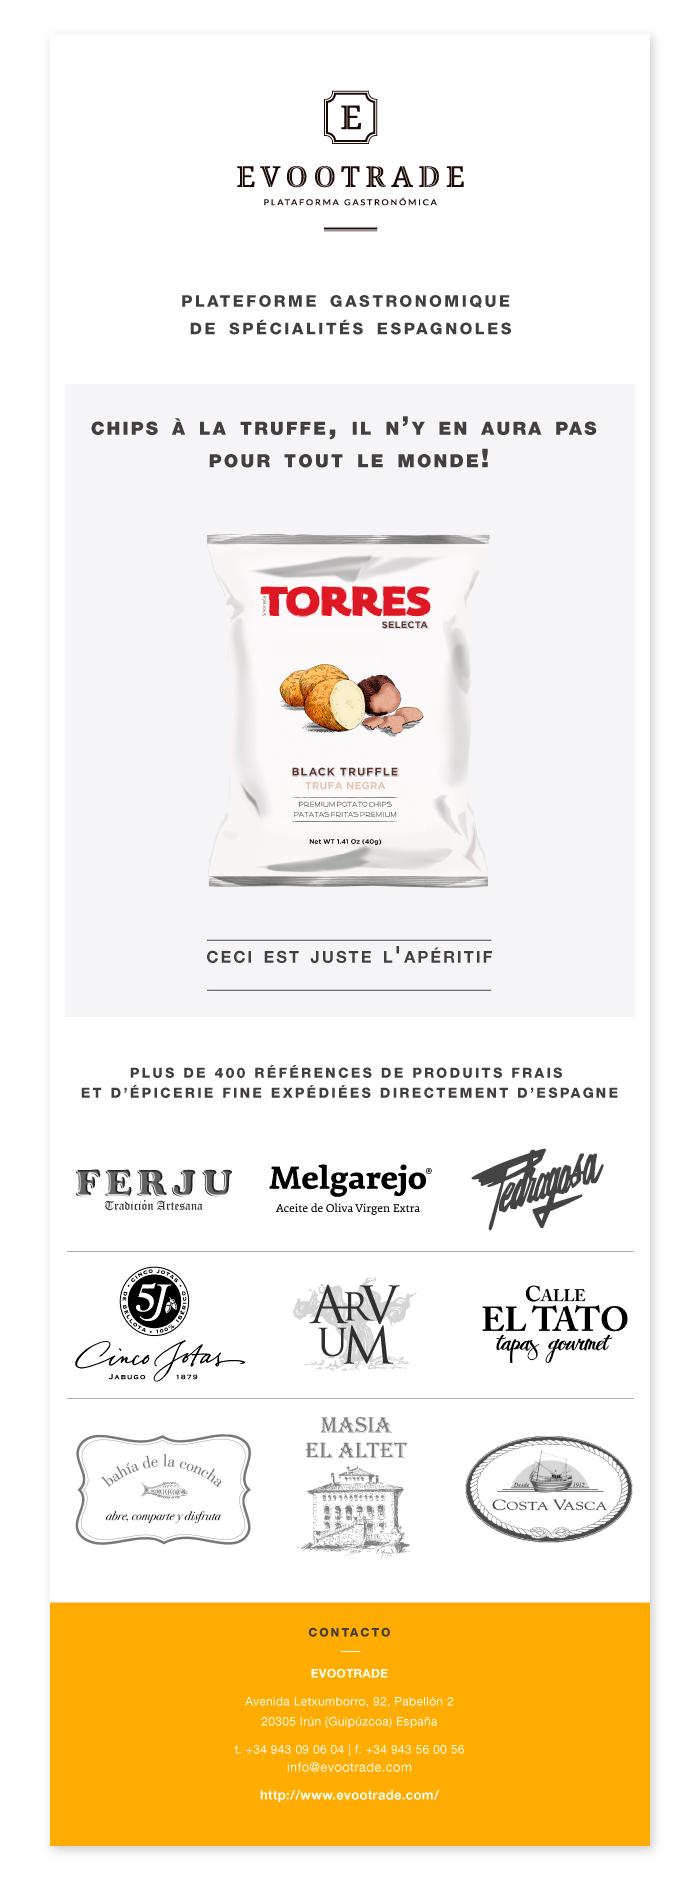 Diseño y desarrollo para la campaña de mail marketing de una empresa dedicada a la distribución de productos gastronómicos gourmet